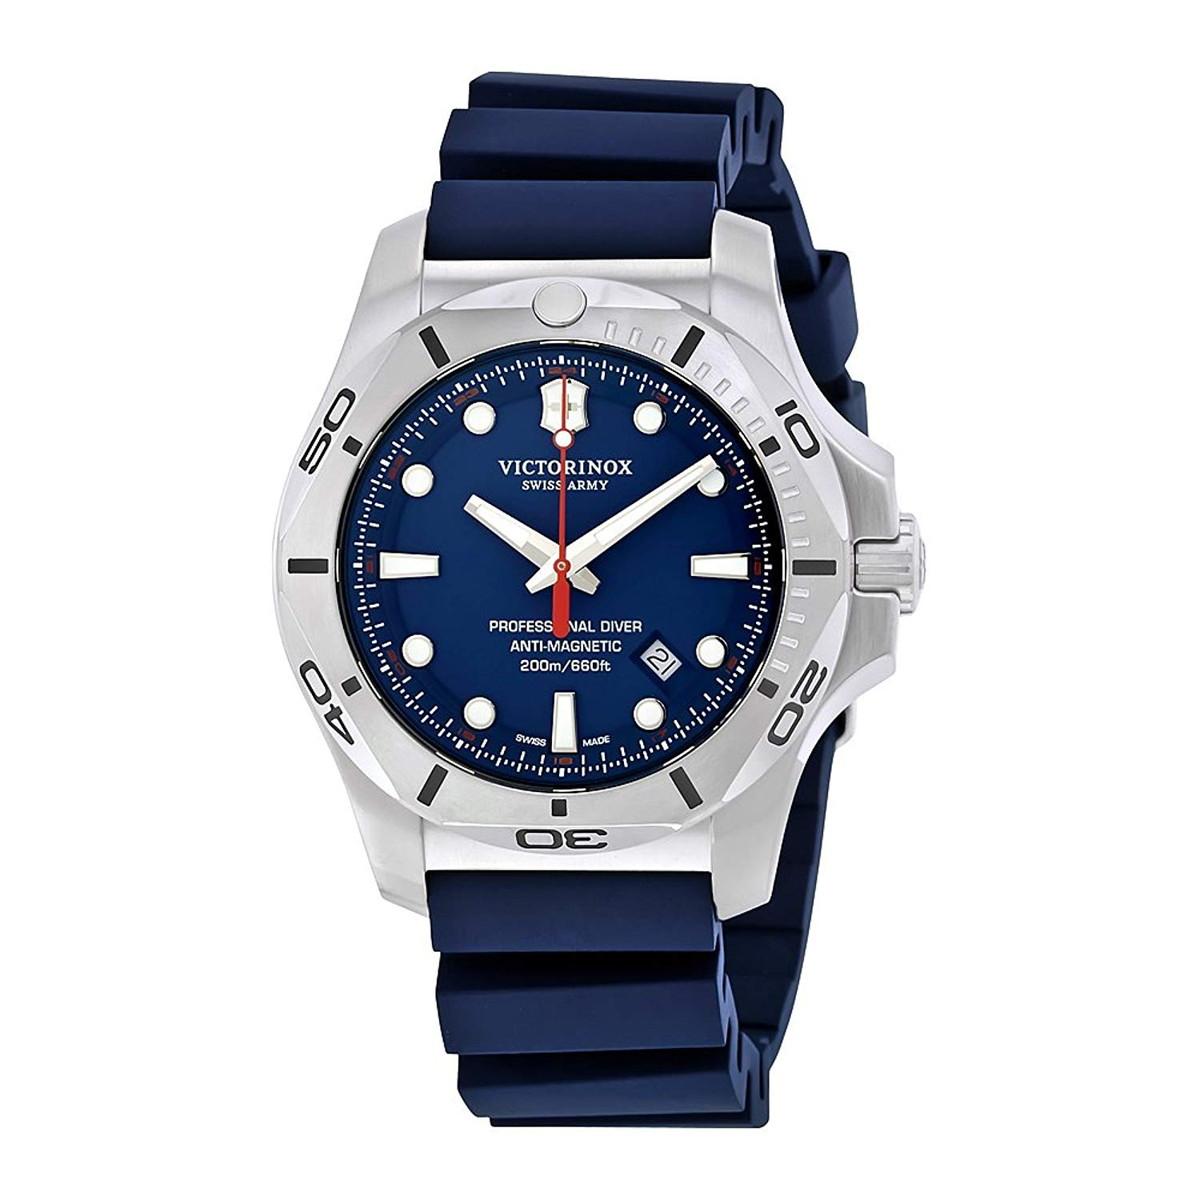 ビクトリノックス スイス 腕時計 メンズ VICTORINOX INOX Men's watches V241734ビクトリノックス スイス 腕時計 メンズ